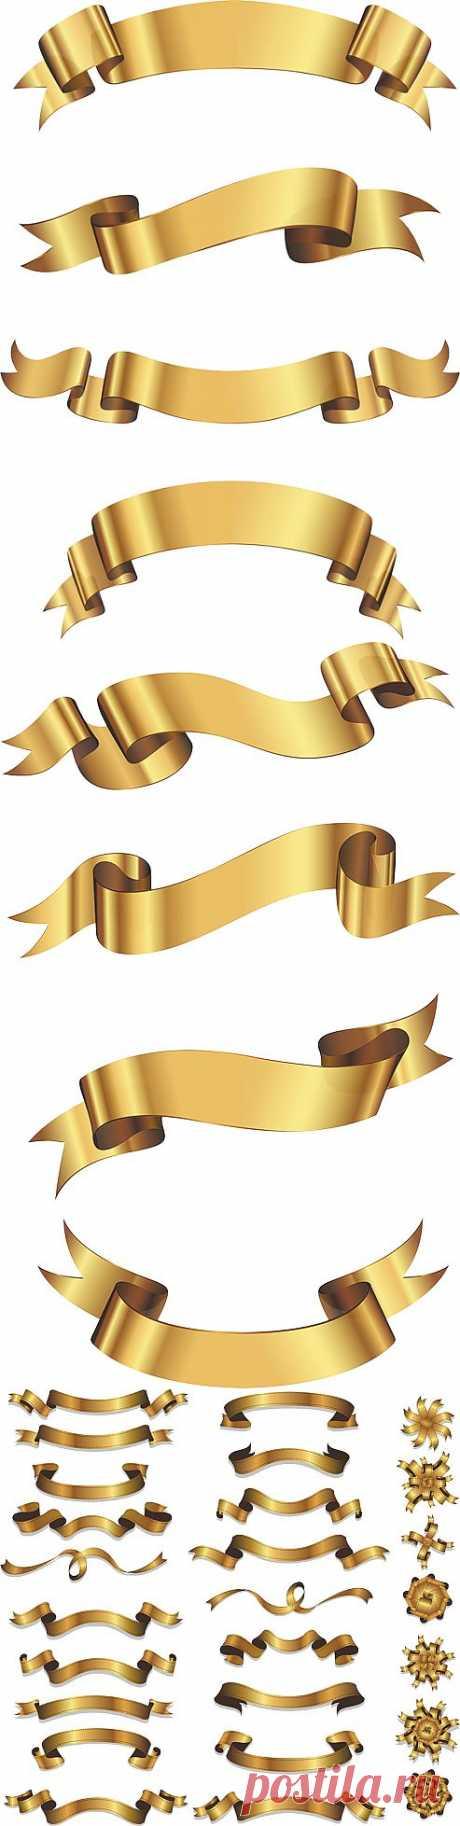 Золотая основа для Ваших надписей.